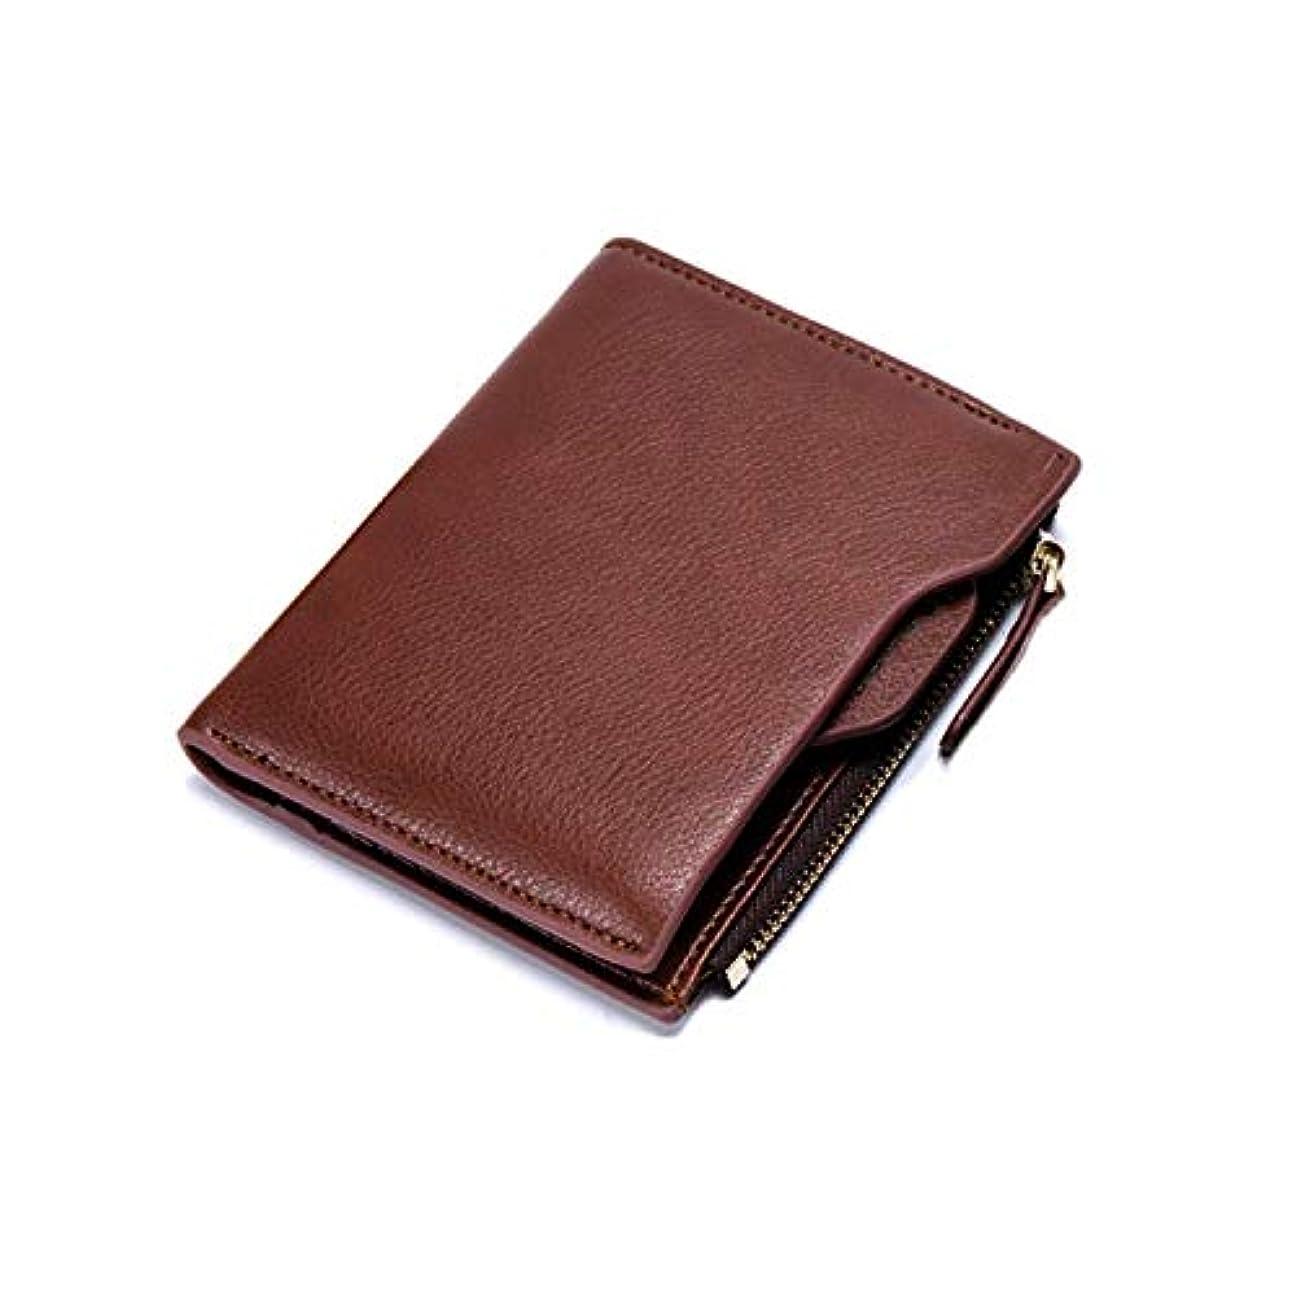 旋回六月注釈を付けるwindss 財布 メンズ 二つ折り ウォレット PUレザー 小銭入れ カード入れ 免許証入れ スキミング対策 大容量 コンパクト